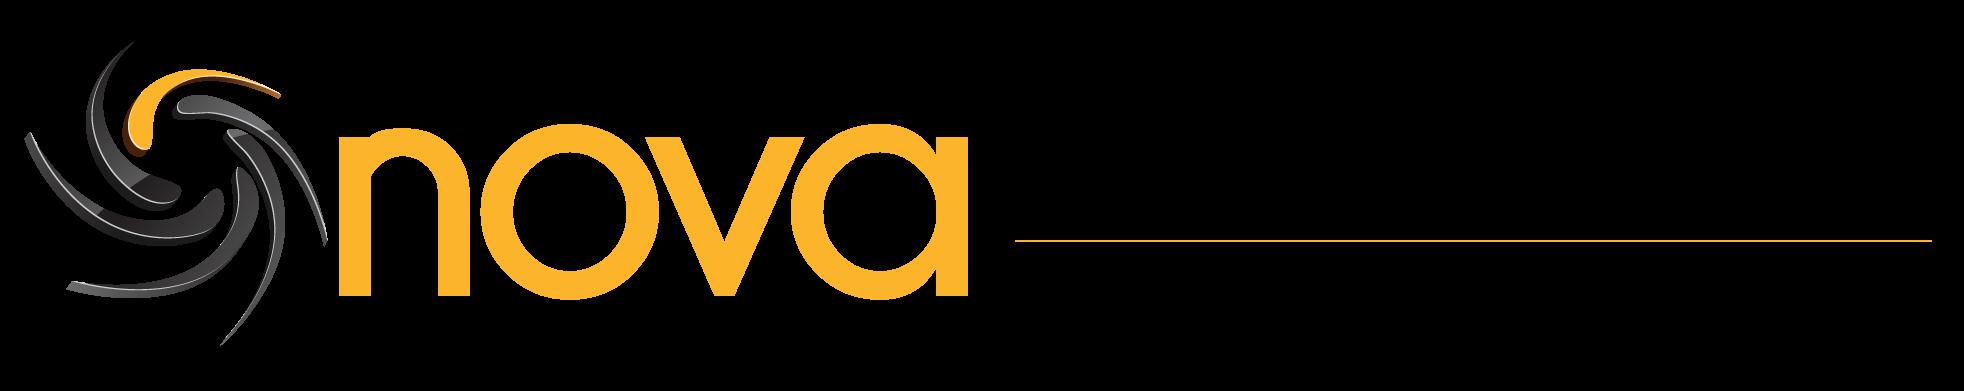 Nova Productions